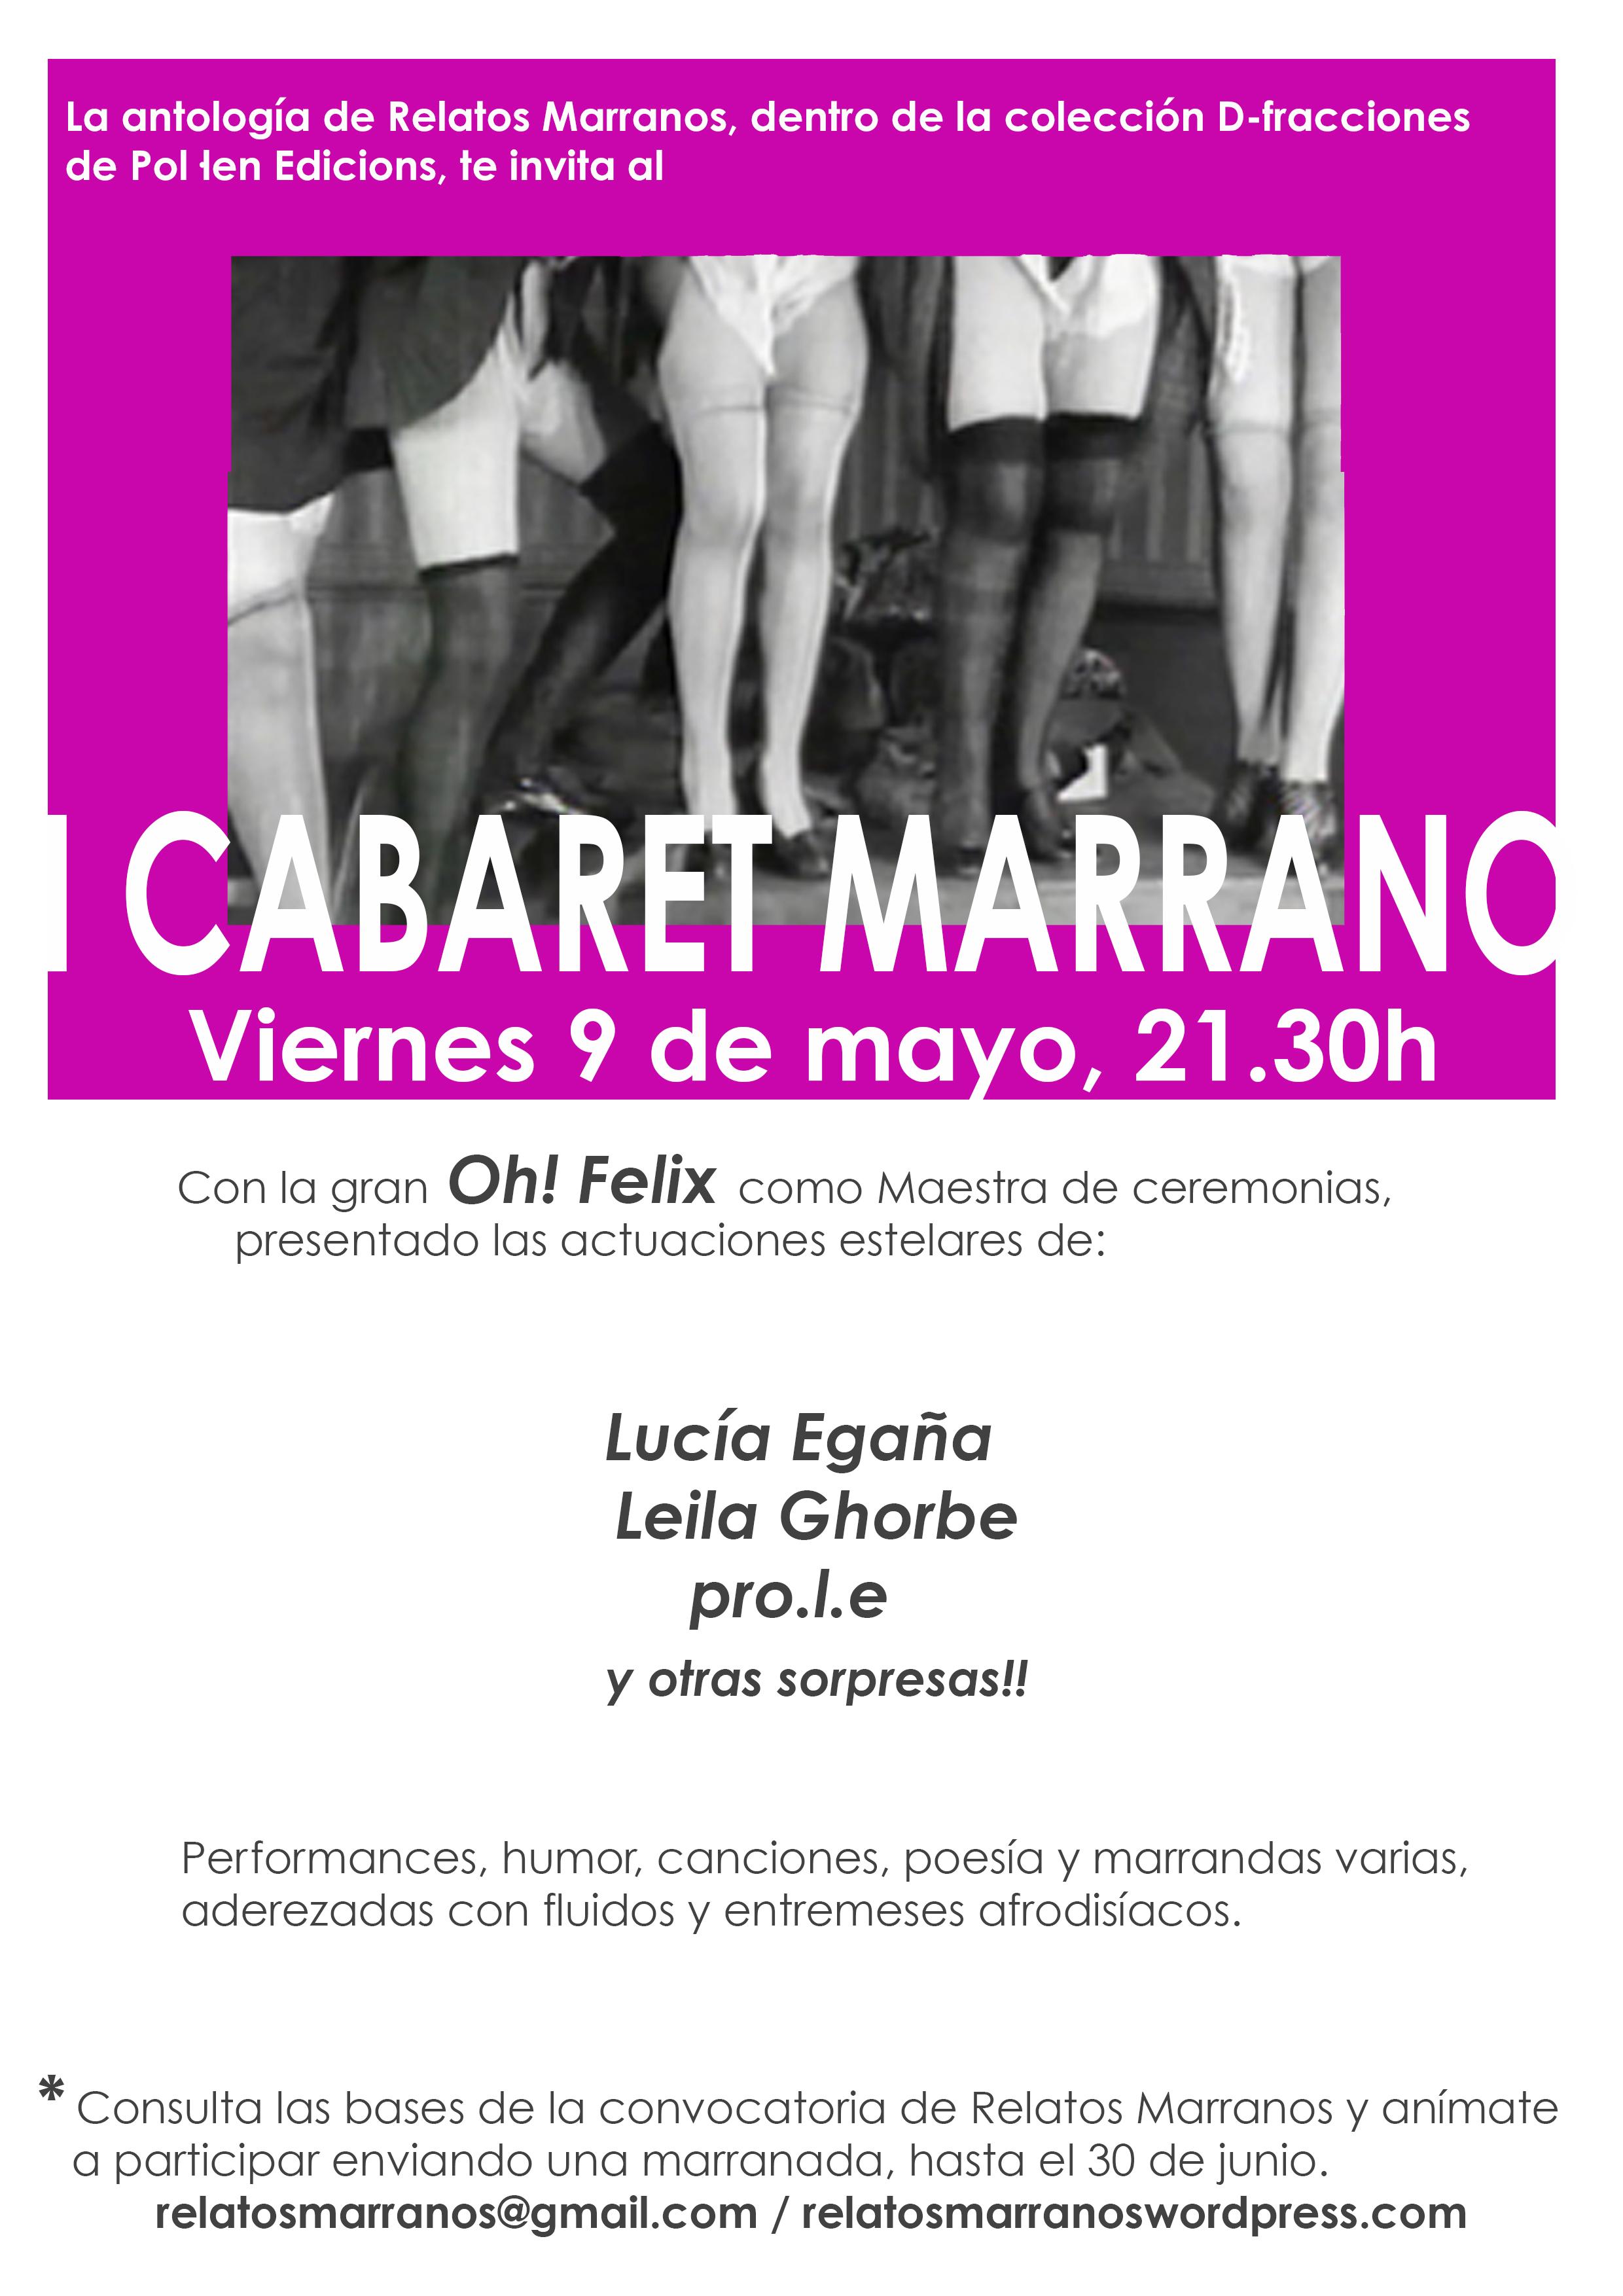 C.U.E.R.D.A.S. Cabaret Marrano